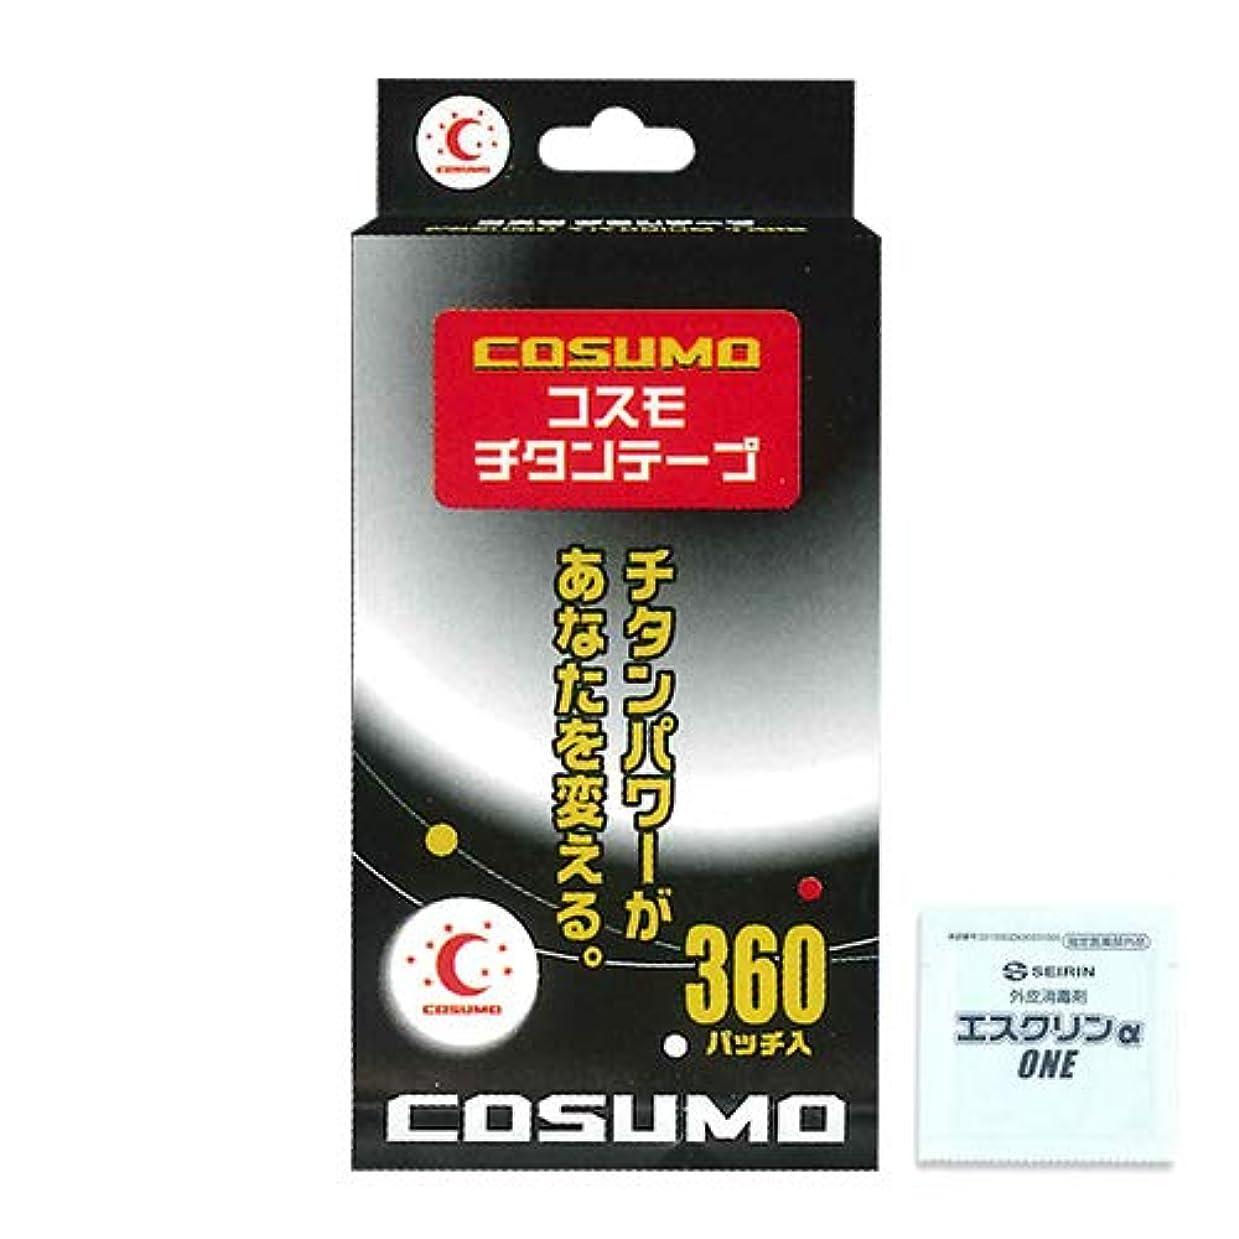 信念球体不和日進医療器:コスモチタンテープ 360パッチ入×10個セット + エスクリンONE1包セット